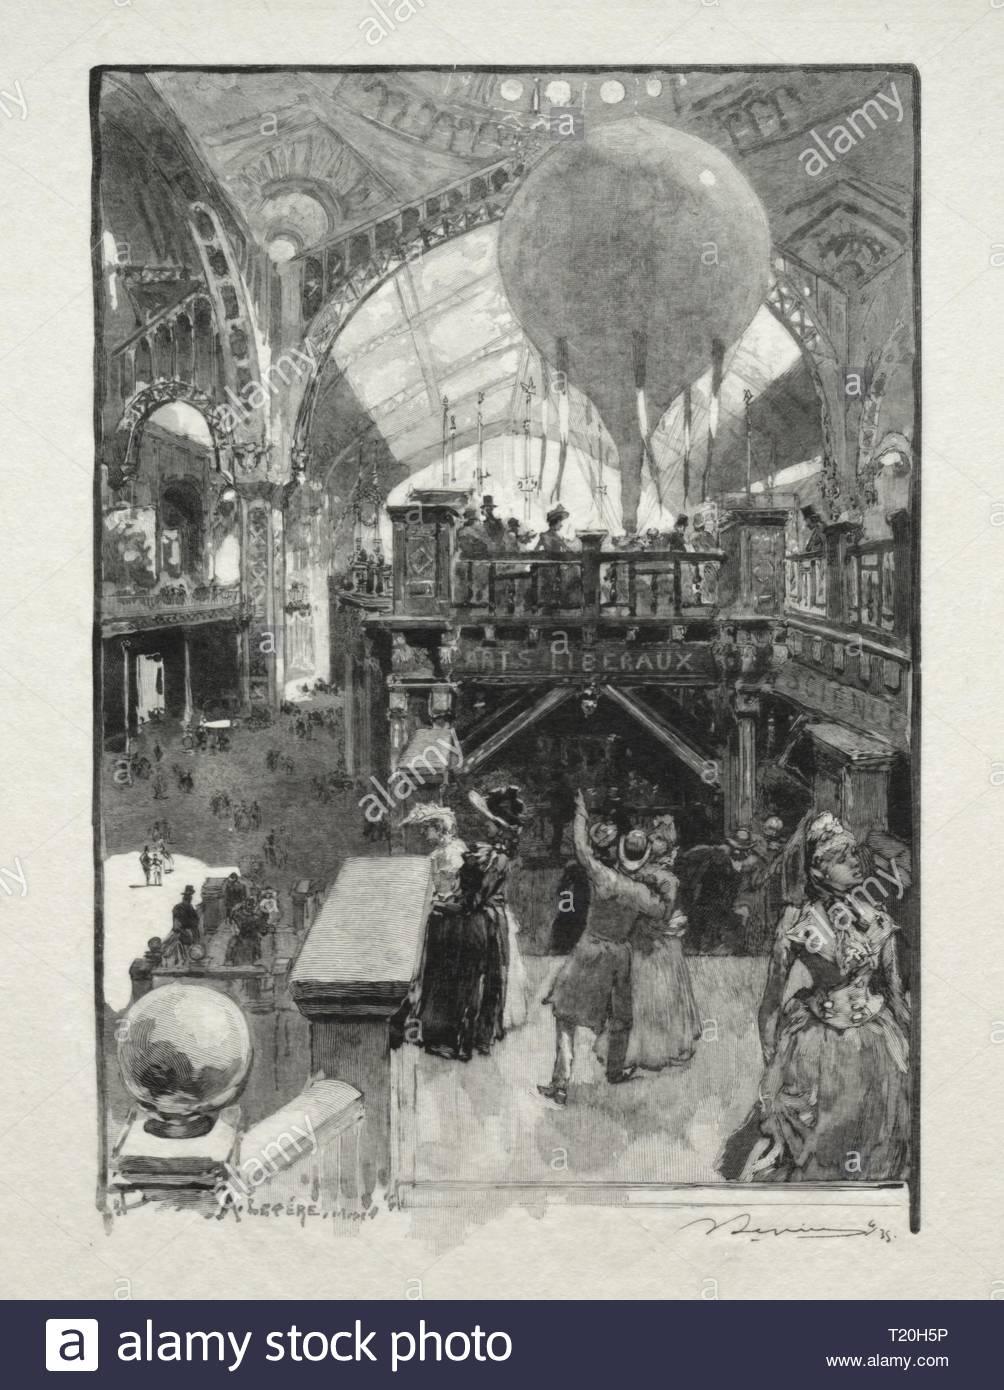 Le Palais des Arts Liberaux, Intèrieur. Louis Auguste Lepère (Französisch, 1849-1918). Holzstich. Stockbild